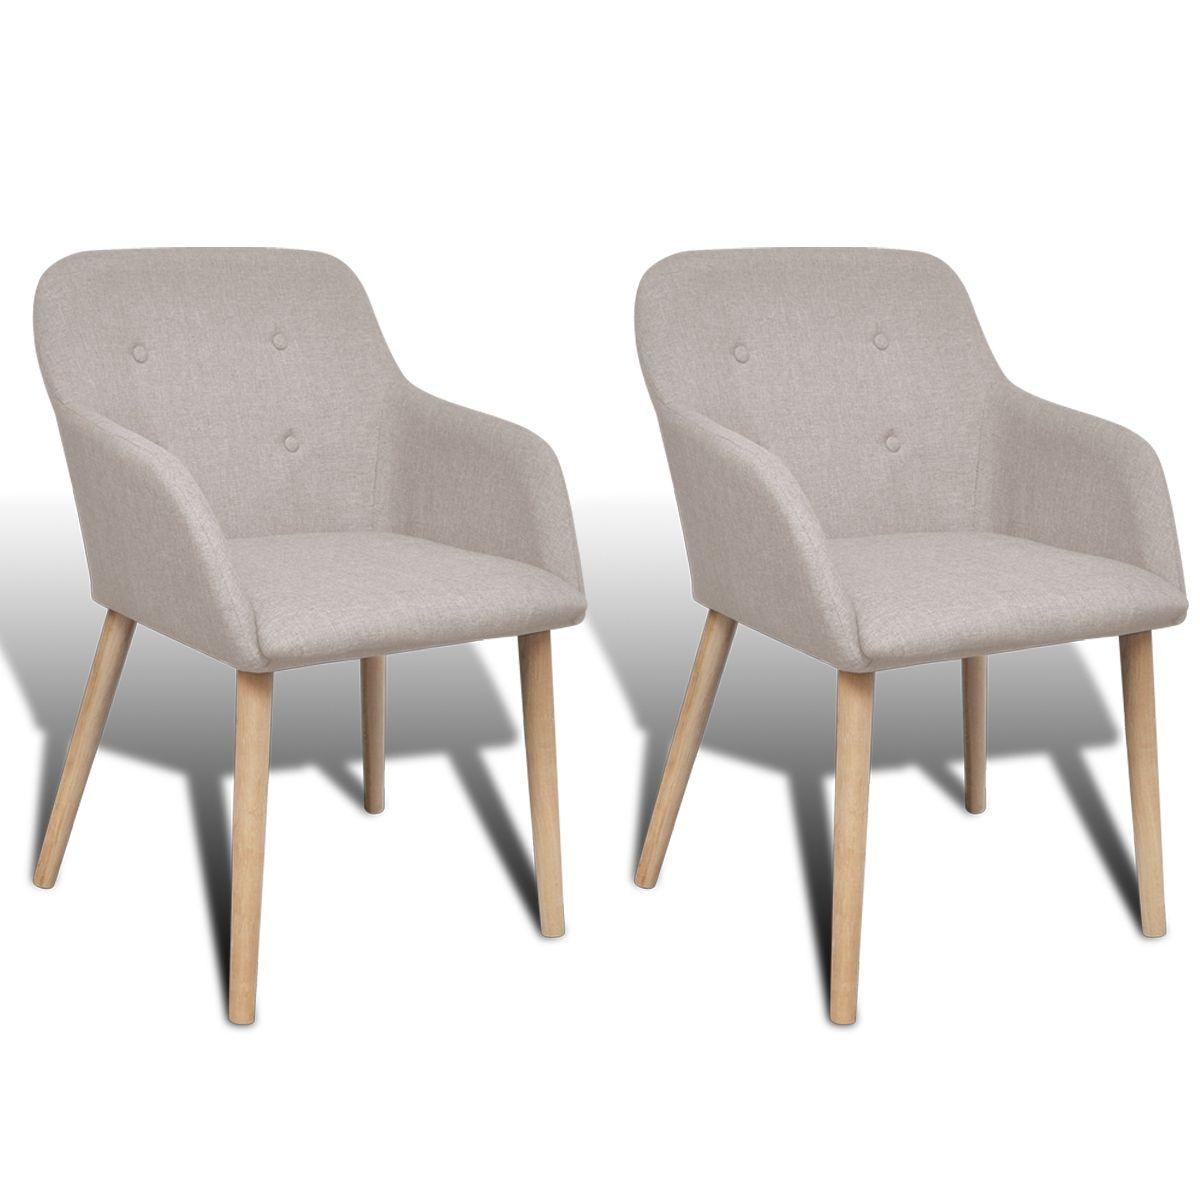 2 4 6x Stuehle Stuhl Stuhlgruppe Esszimmerstuehle Esszimmerstuhl Armlehne Eiche Mit Bildern Esszimmerstuhle Moderne Stuhle Wohnzimmersessel